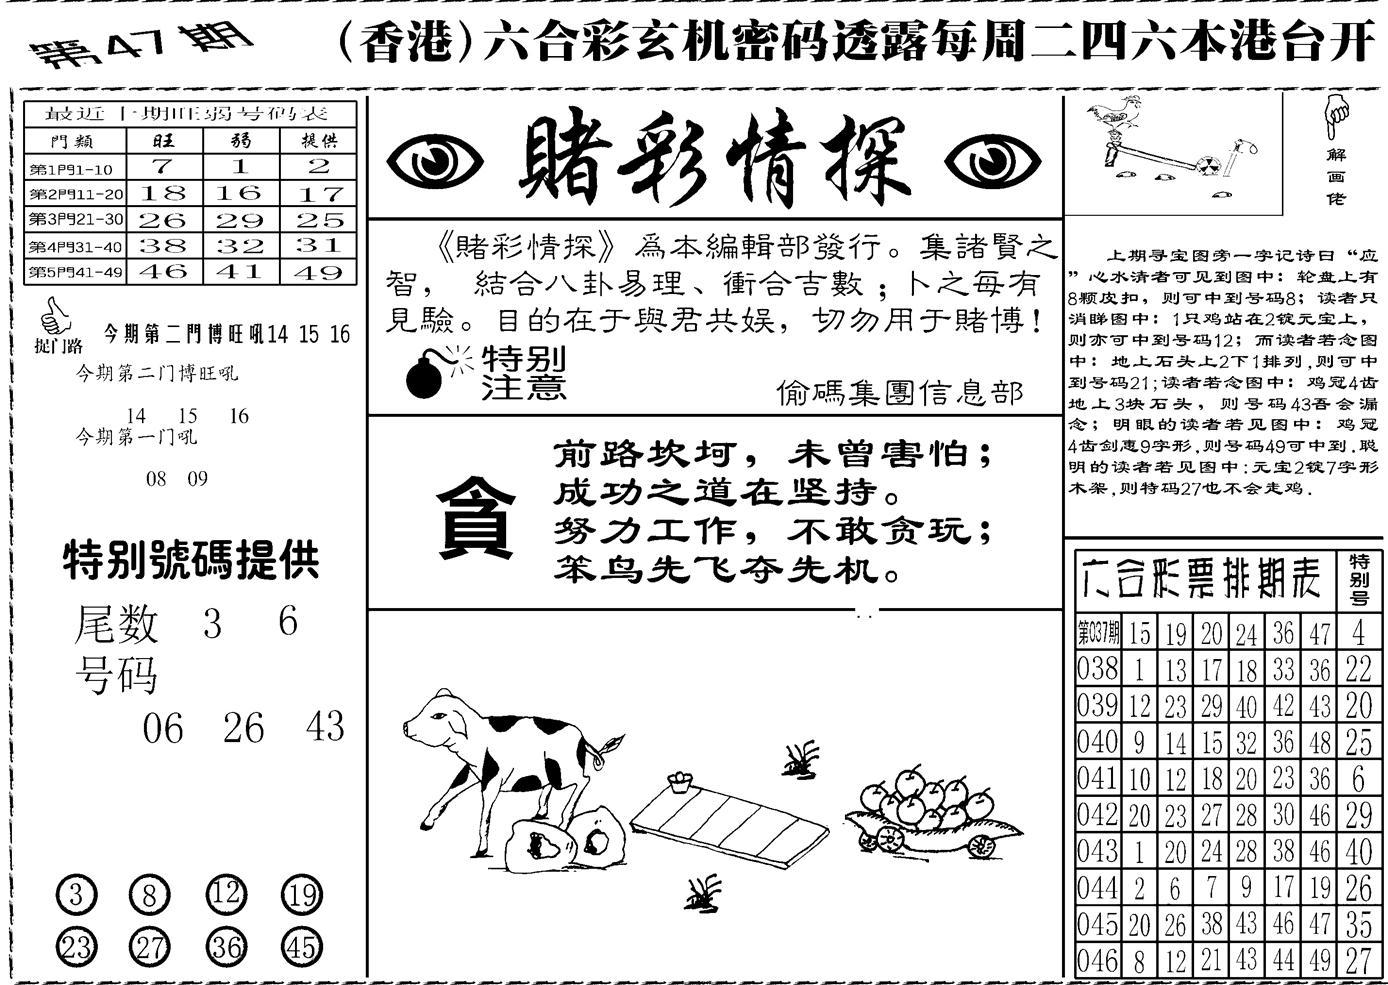 047期老版赌彩情探(黑白)